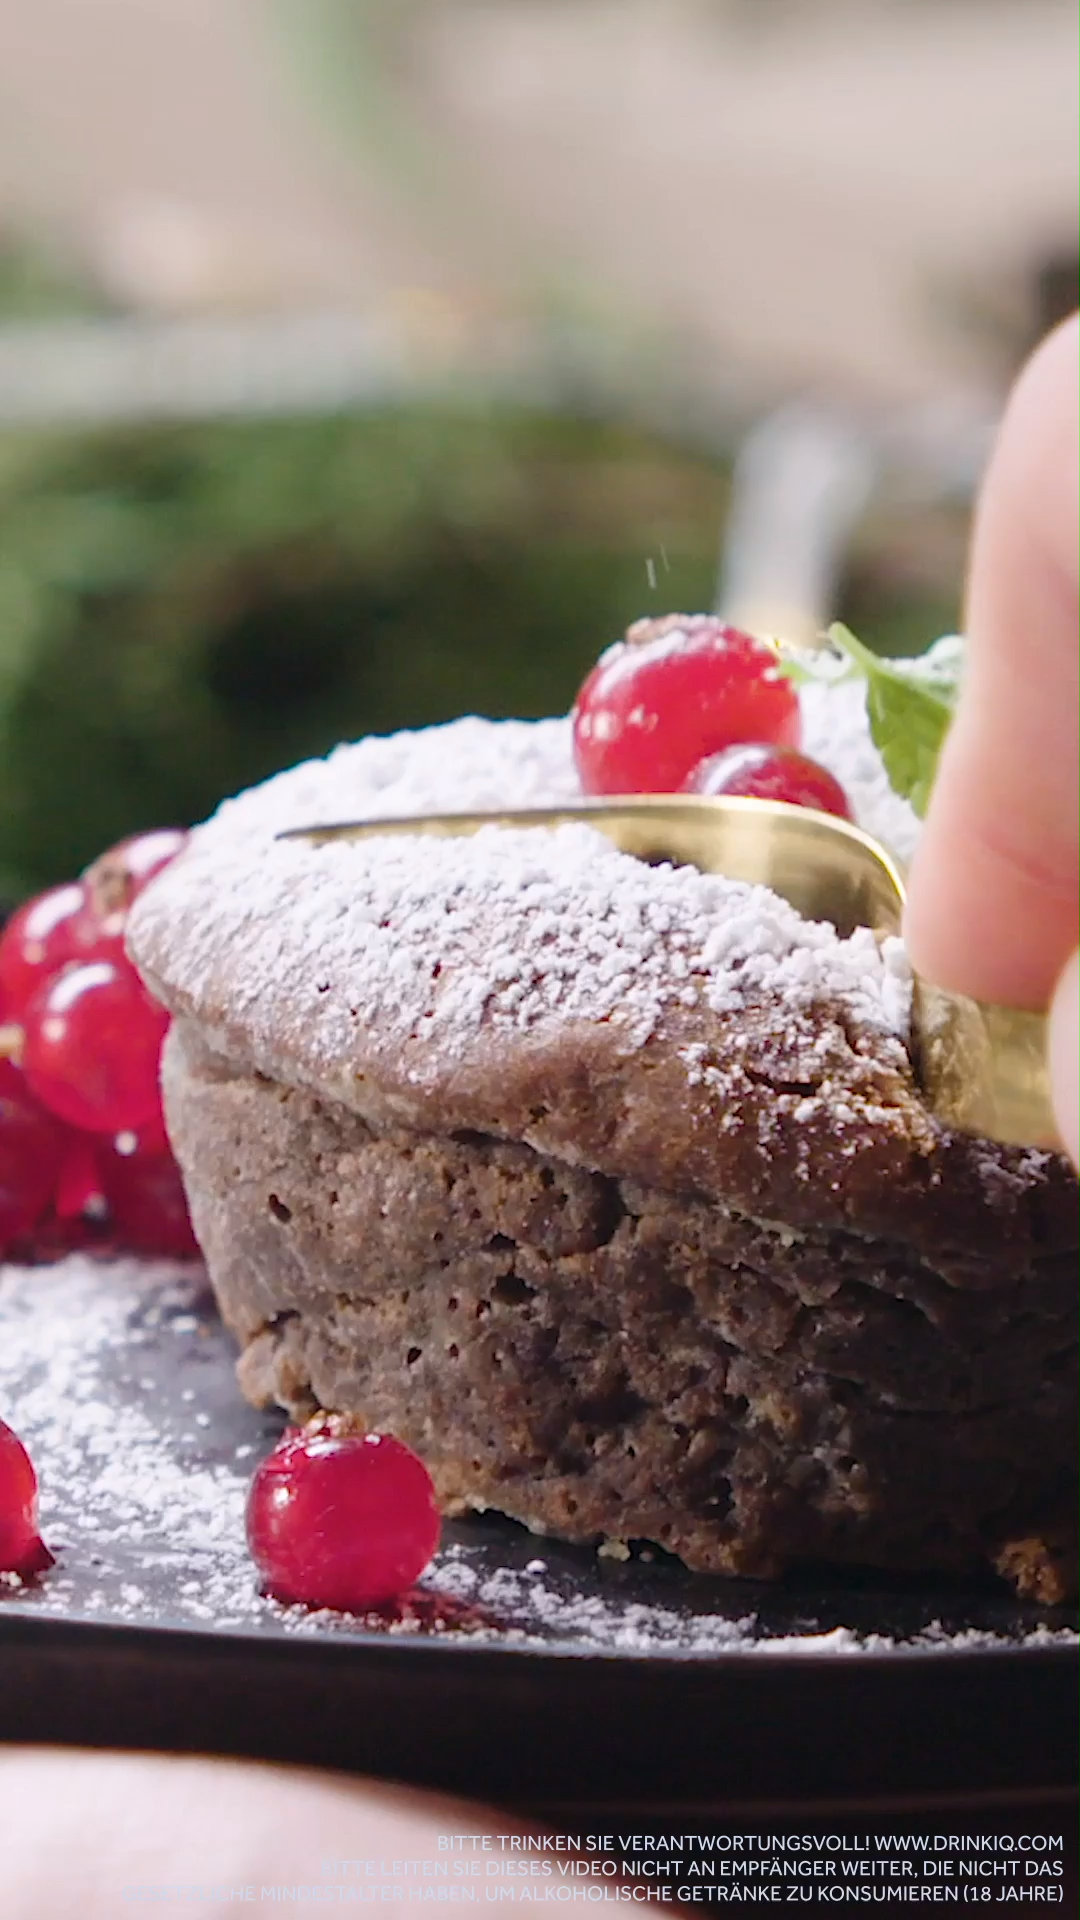 Entdecke hier unsere leckeren Rezepte mit Baileys für genussvolle Weihnachten